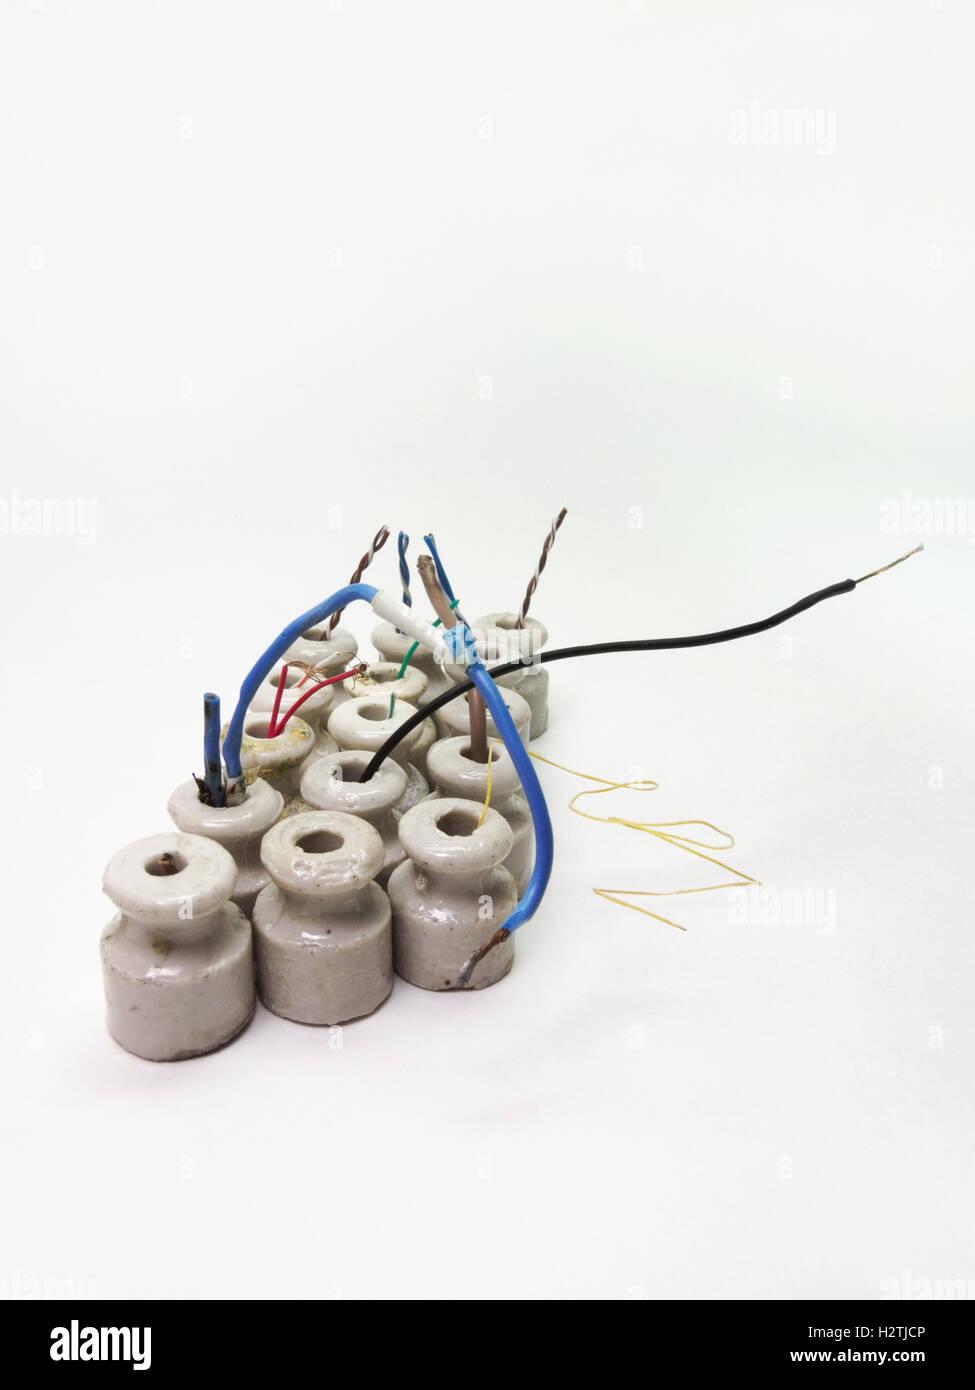 ceramic insulators stockfotos ceramic insulators bilder. Black Bedroom Furniture Sets. Home Design Ideas